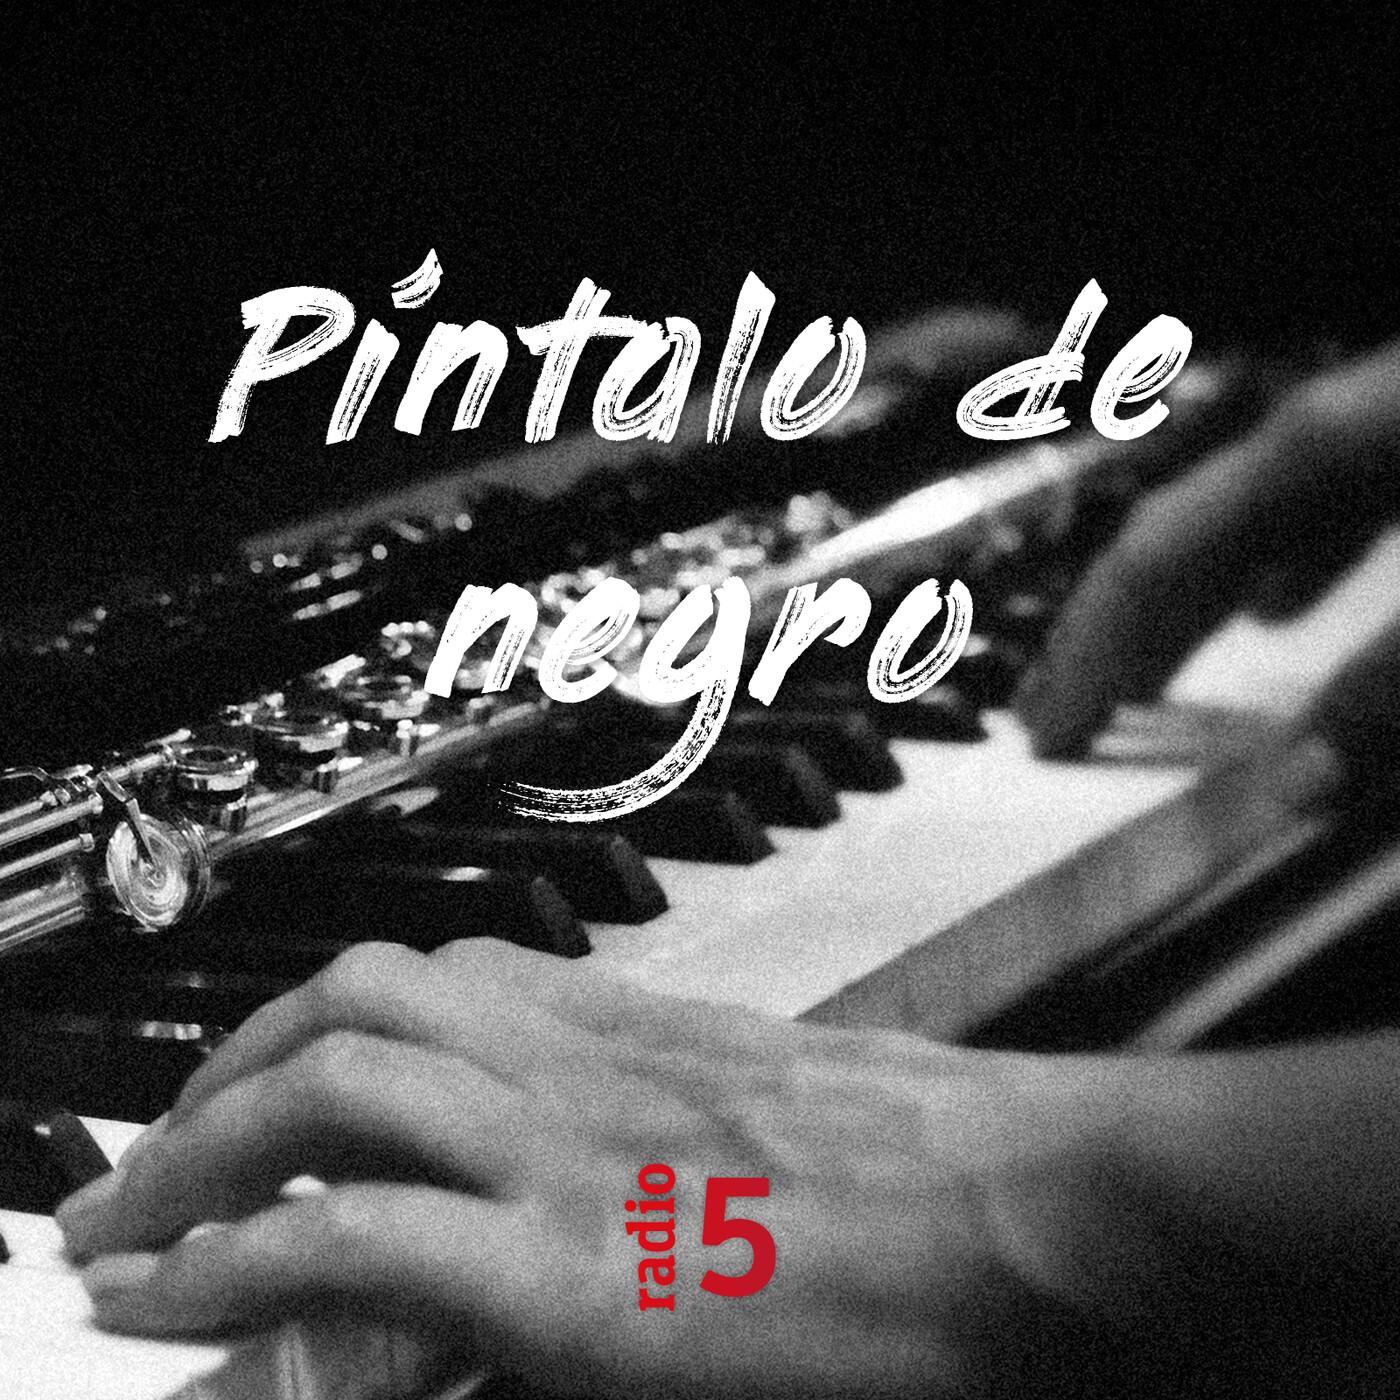 Píntalo de negro, el soul y sus historias - La jovencita Etta James - 15/09/20